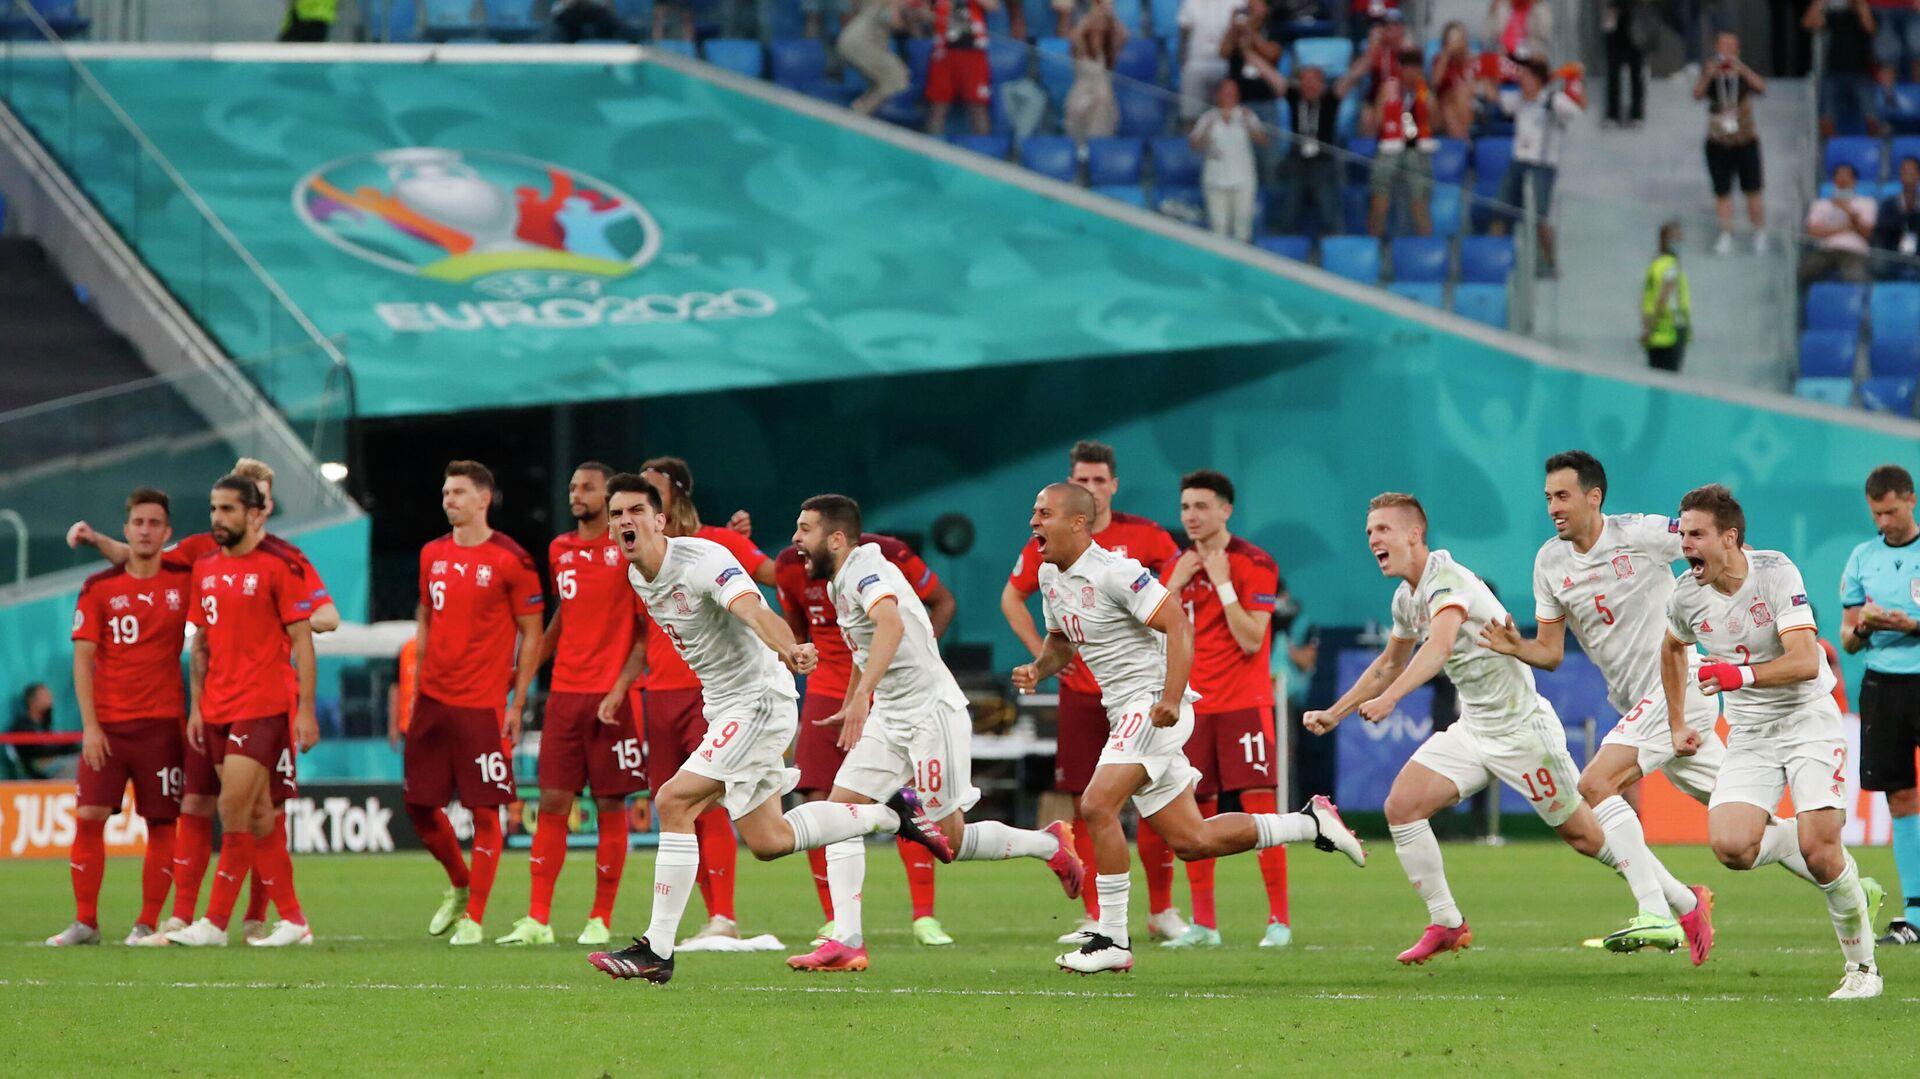 Футболисты сборной Испании радуются победе над швейцарцами - РИА Новости, 1920, 02.07.2021